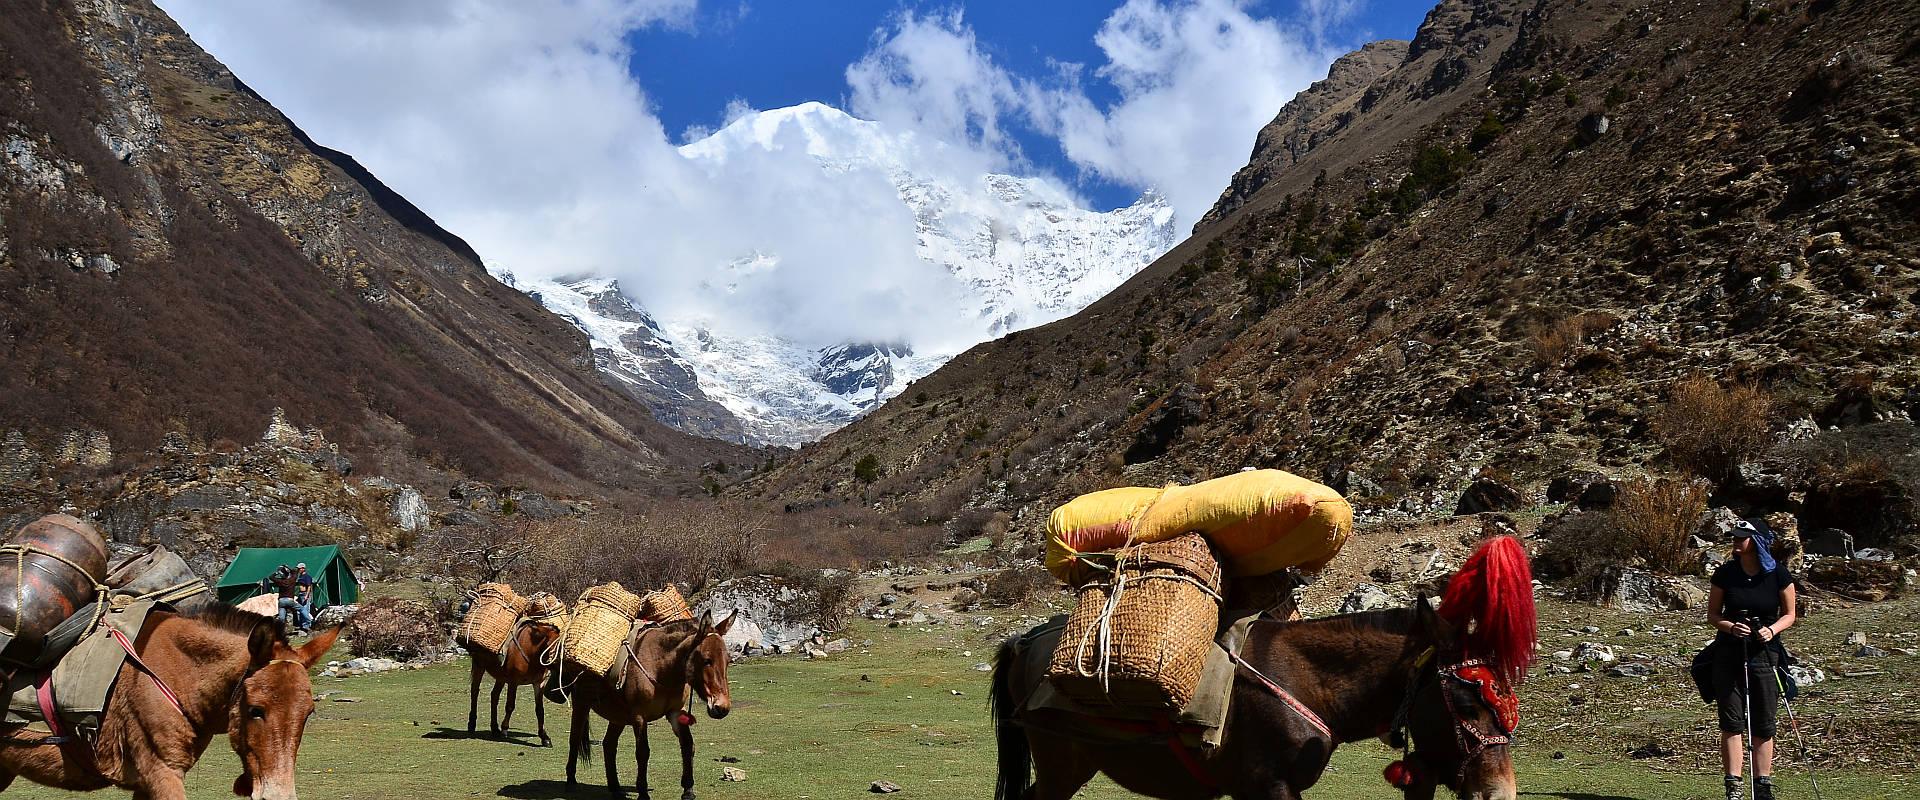 Bhutanreisen & Trekking 2016 mit dem Reiseveranstalter berghorizonte